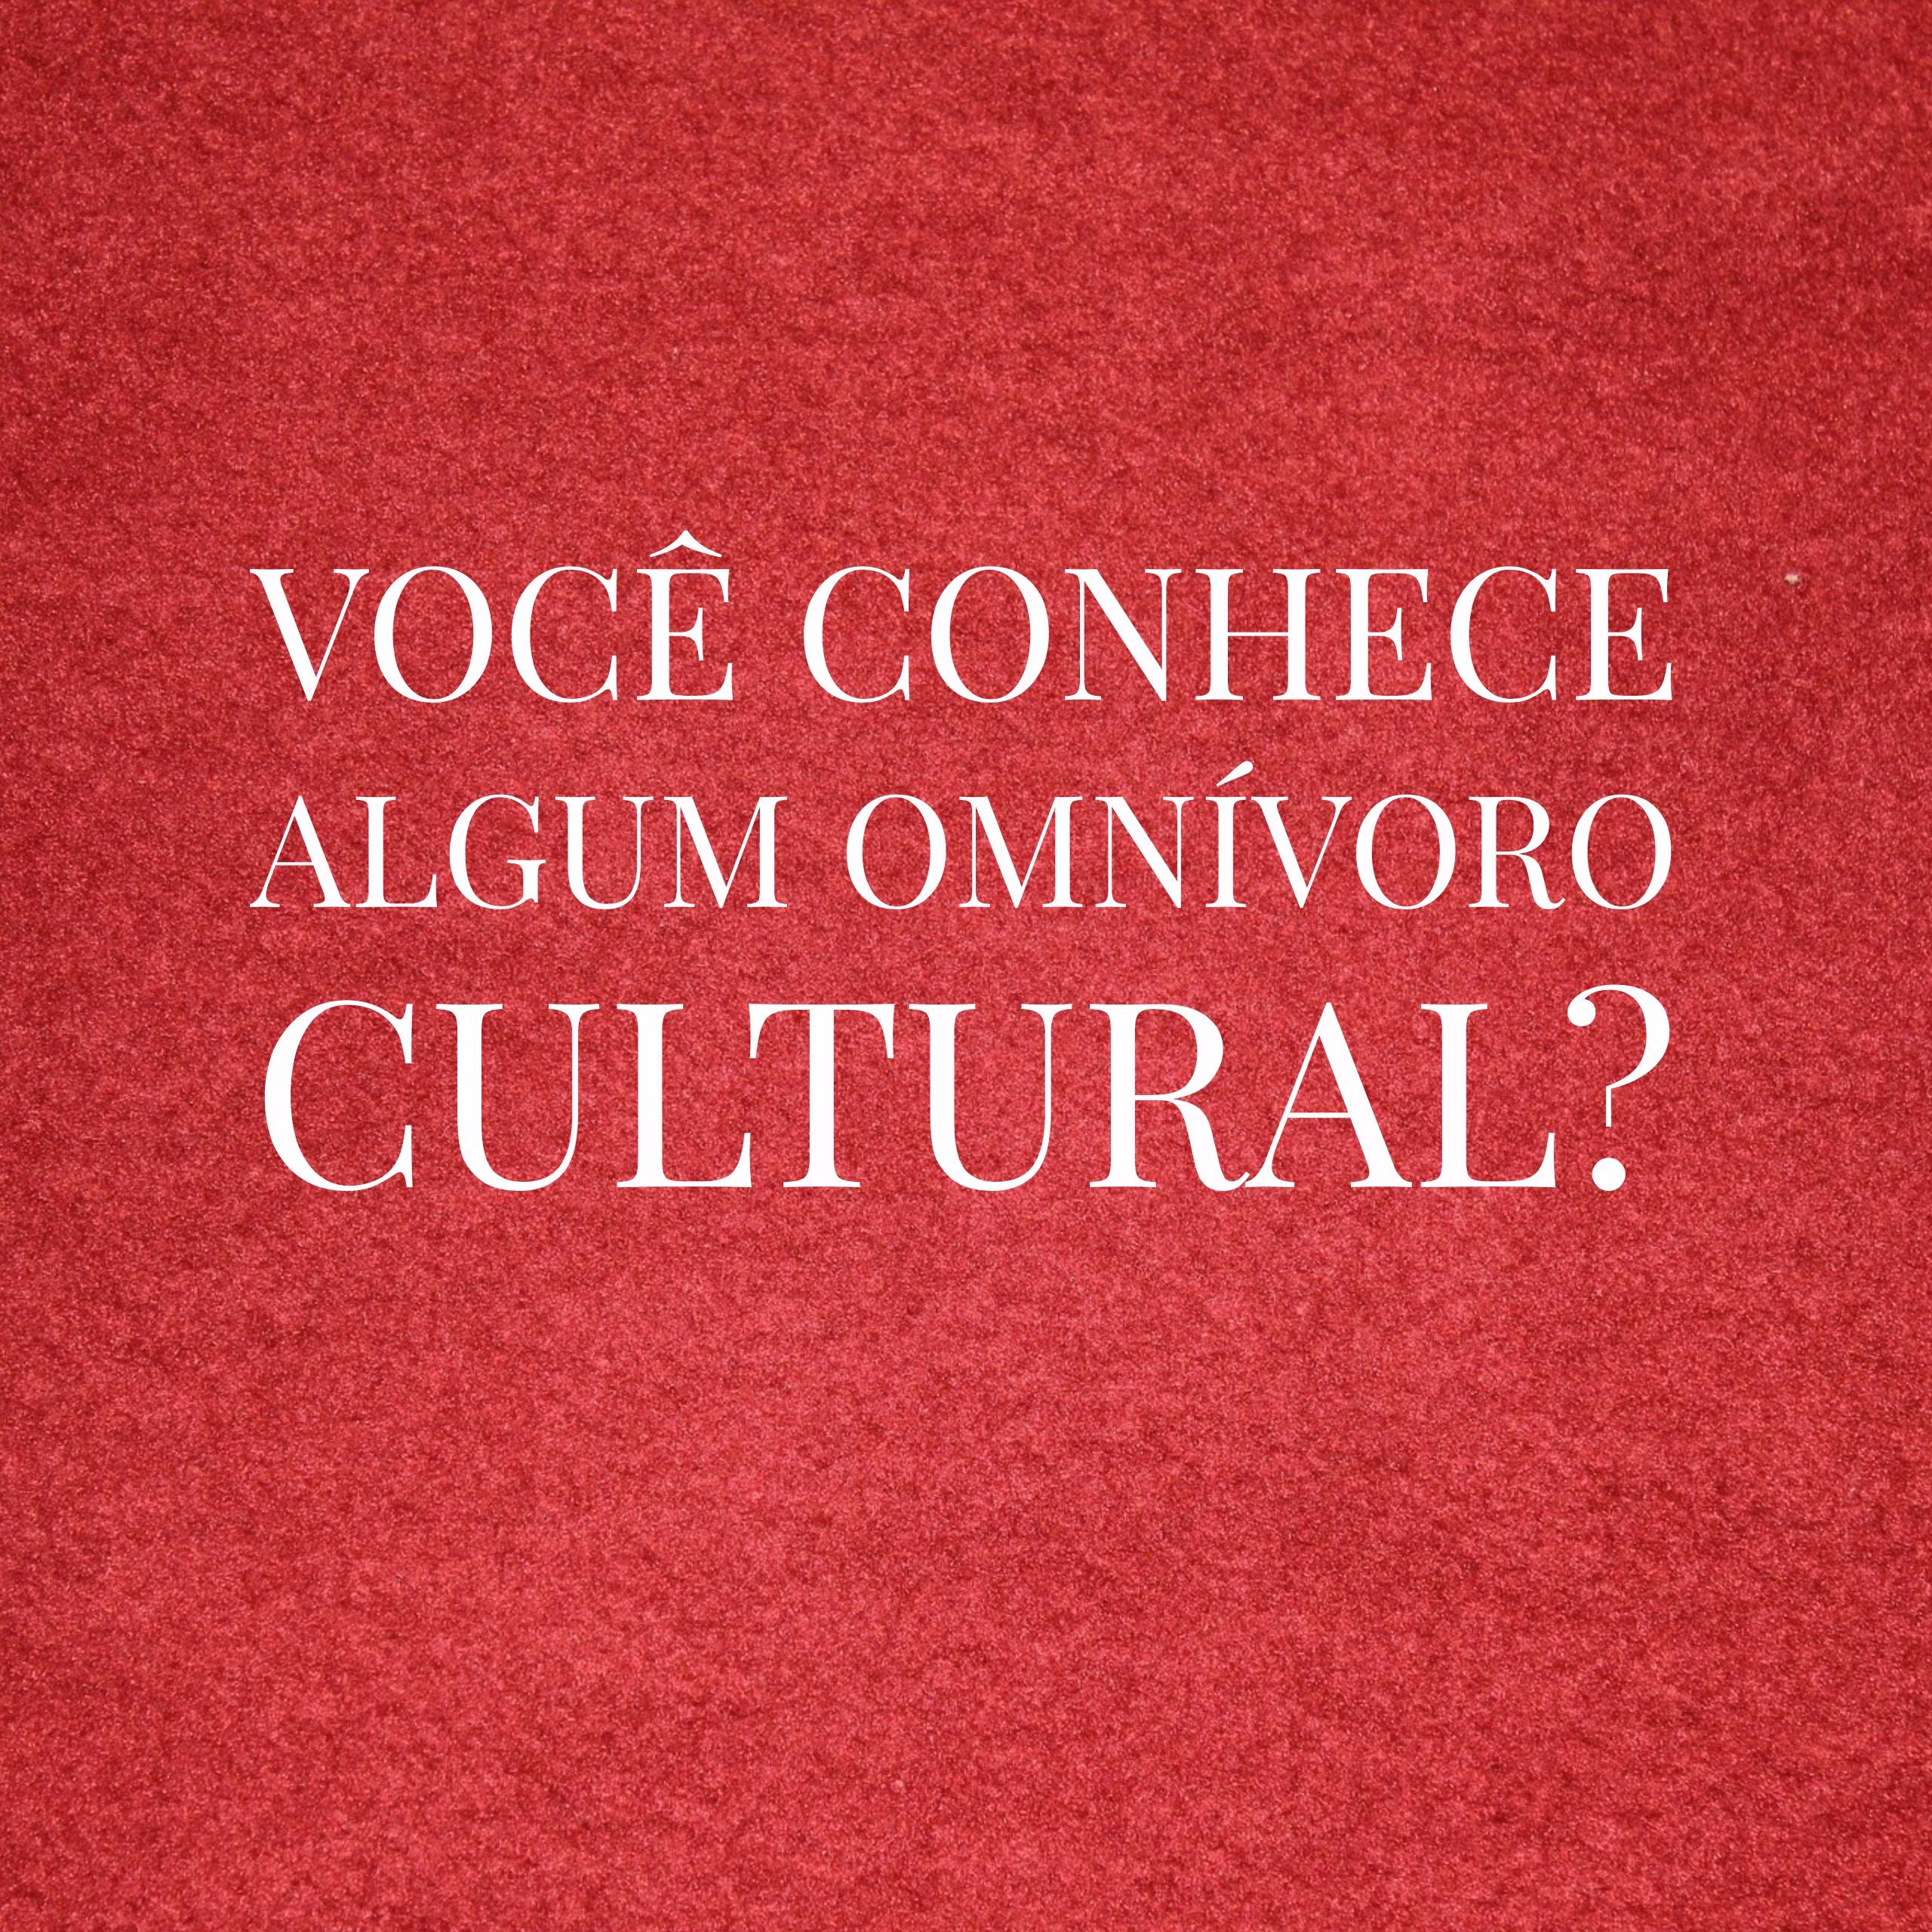 Ominivoro_cultural